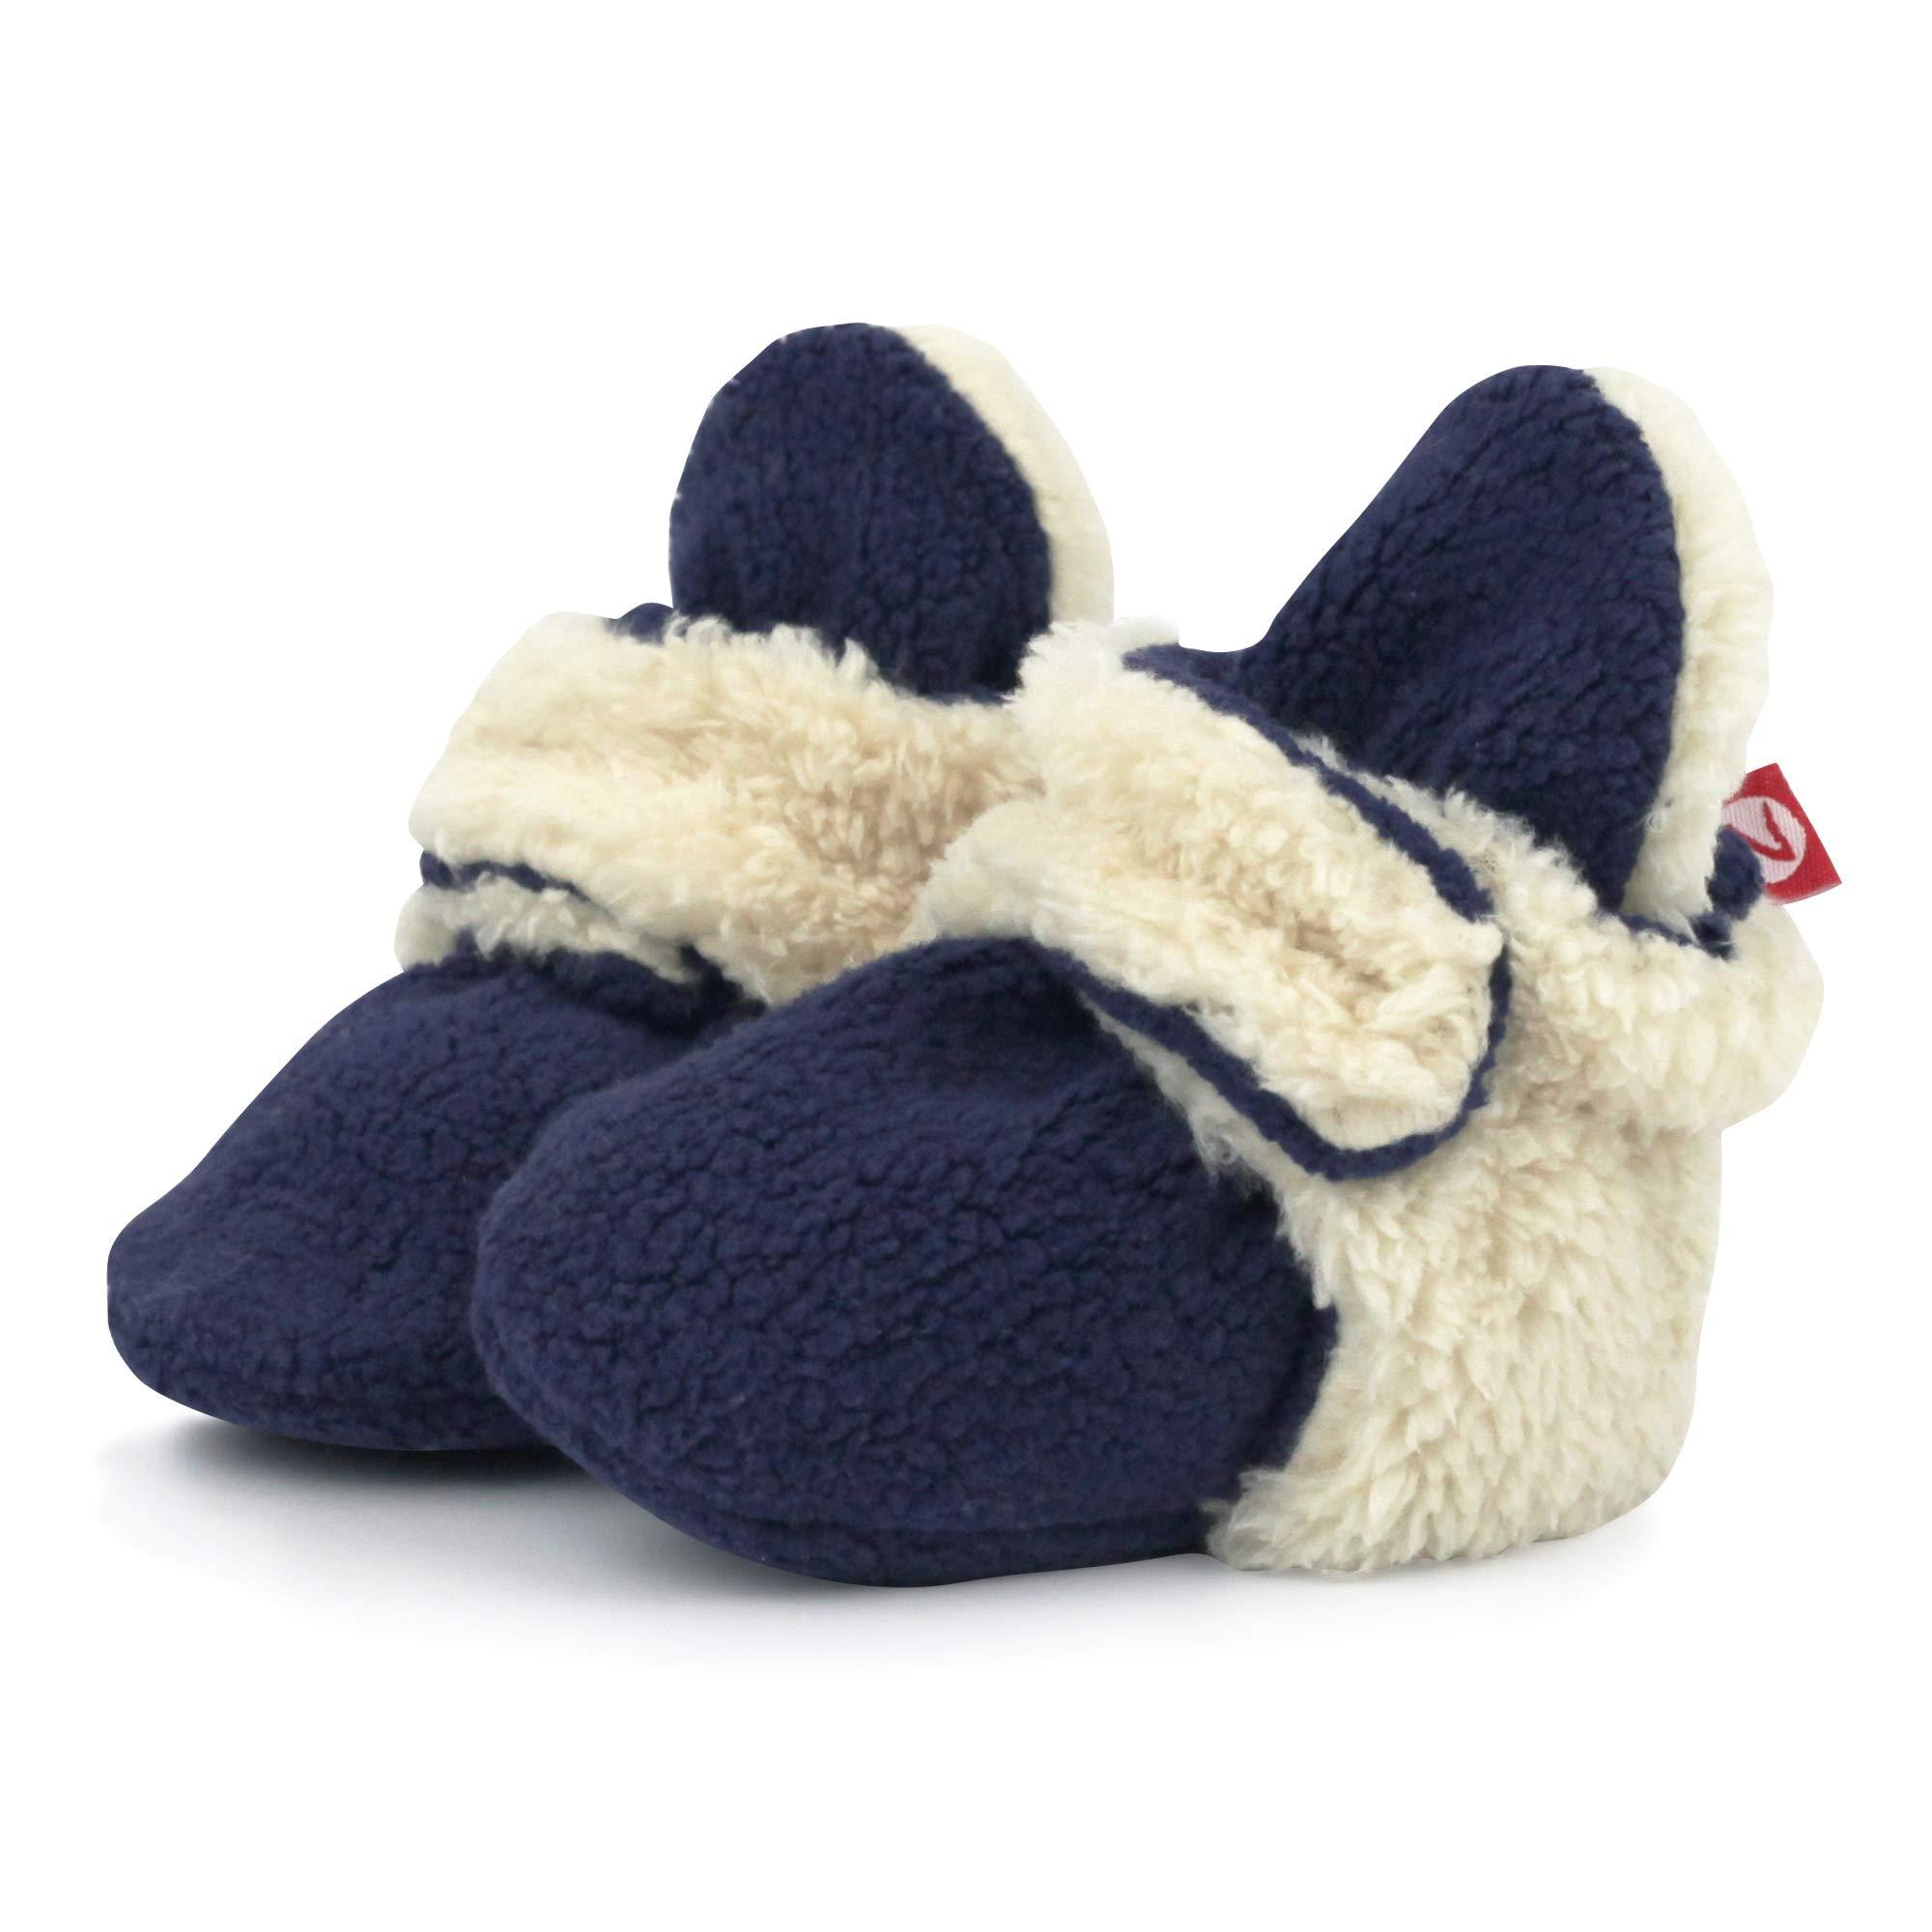 Zutano Unisex Baby Fleece w/Furry Baby